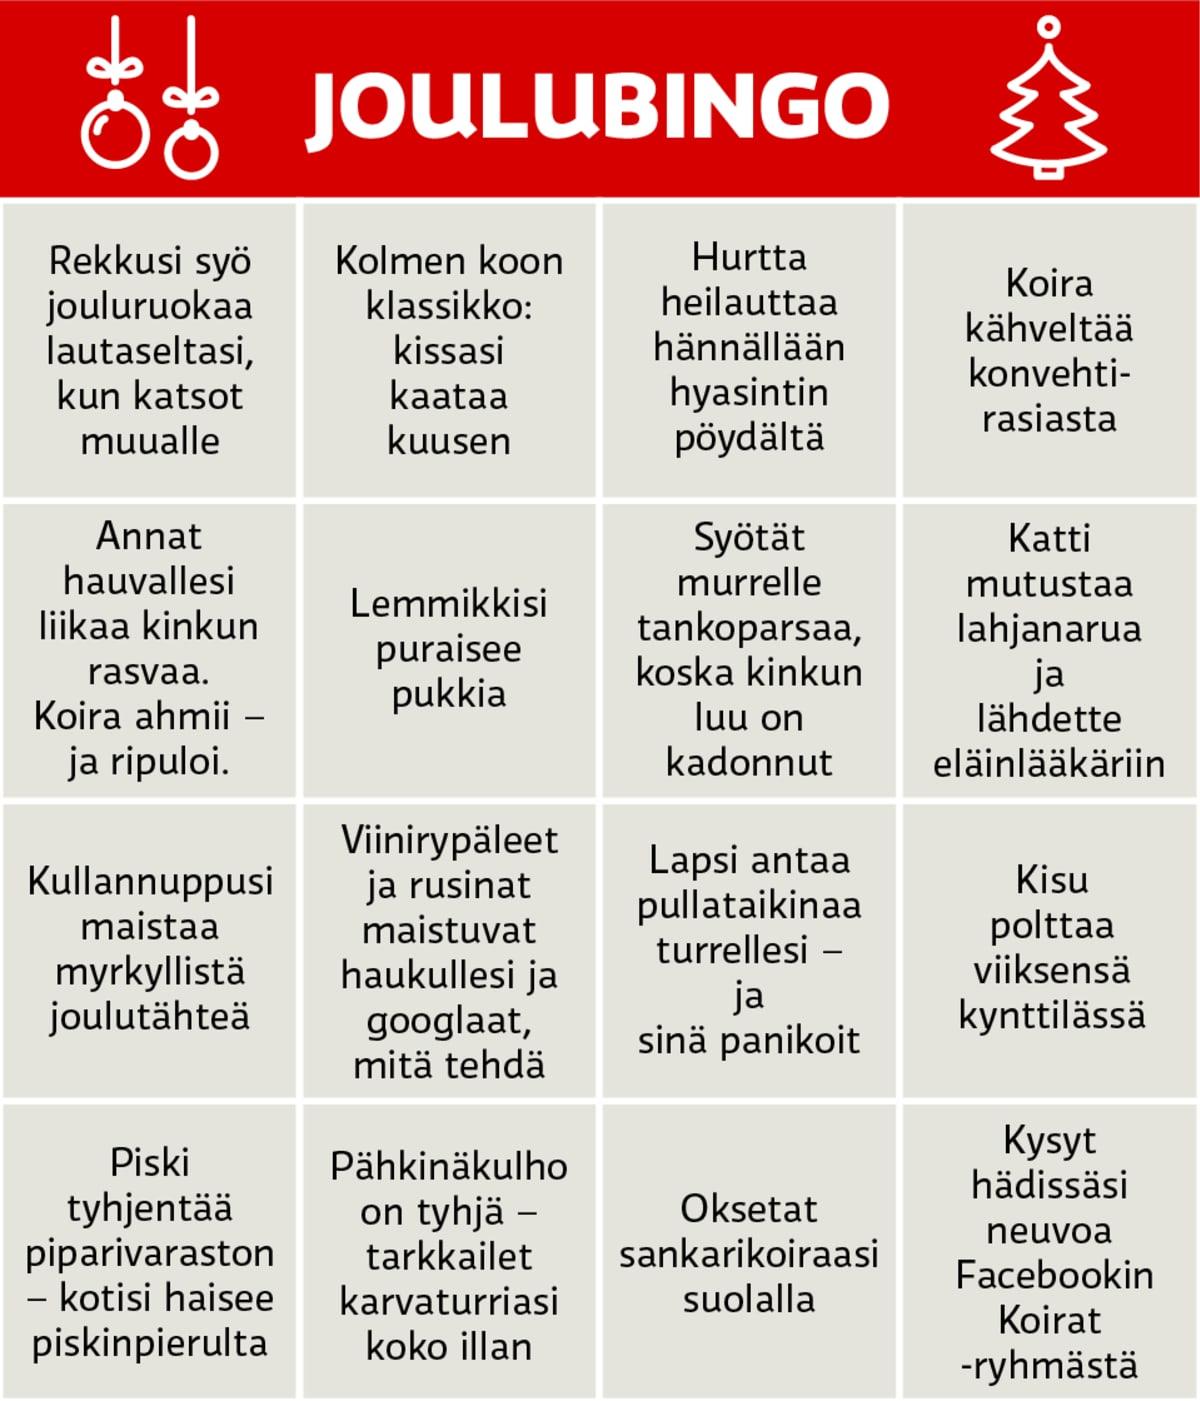 Joulubingo-grafiikka